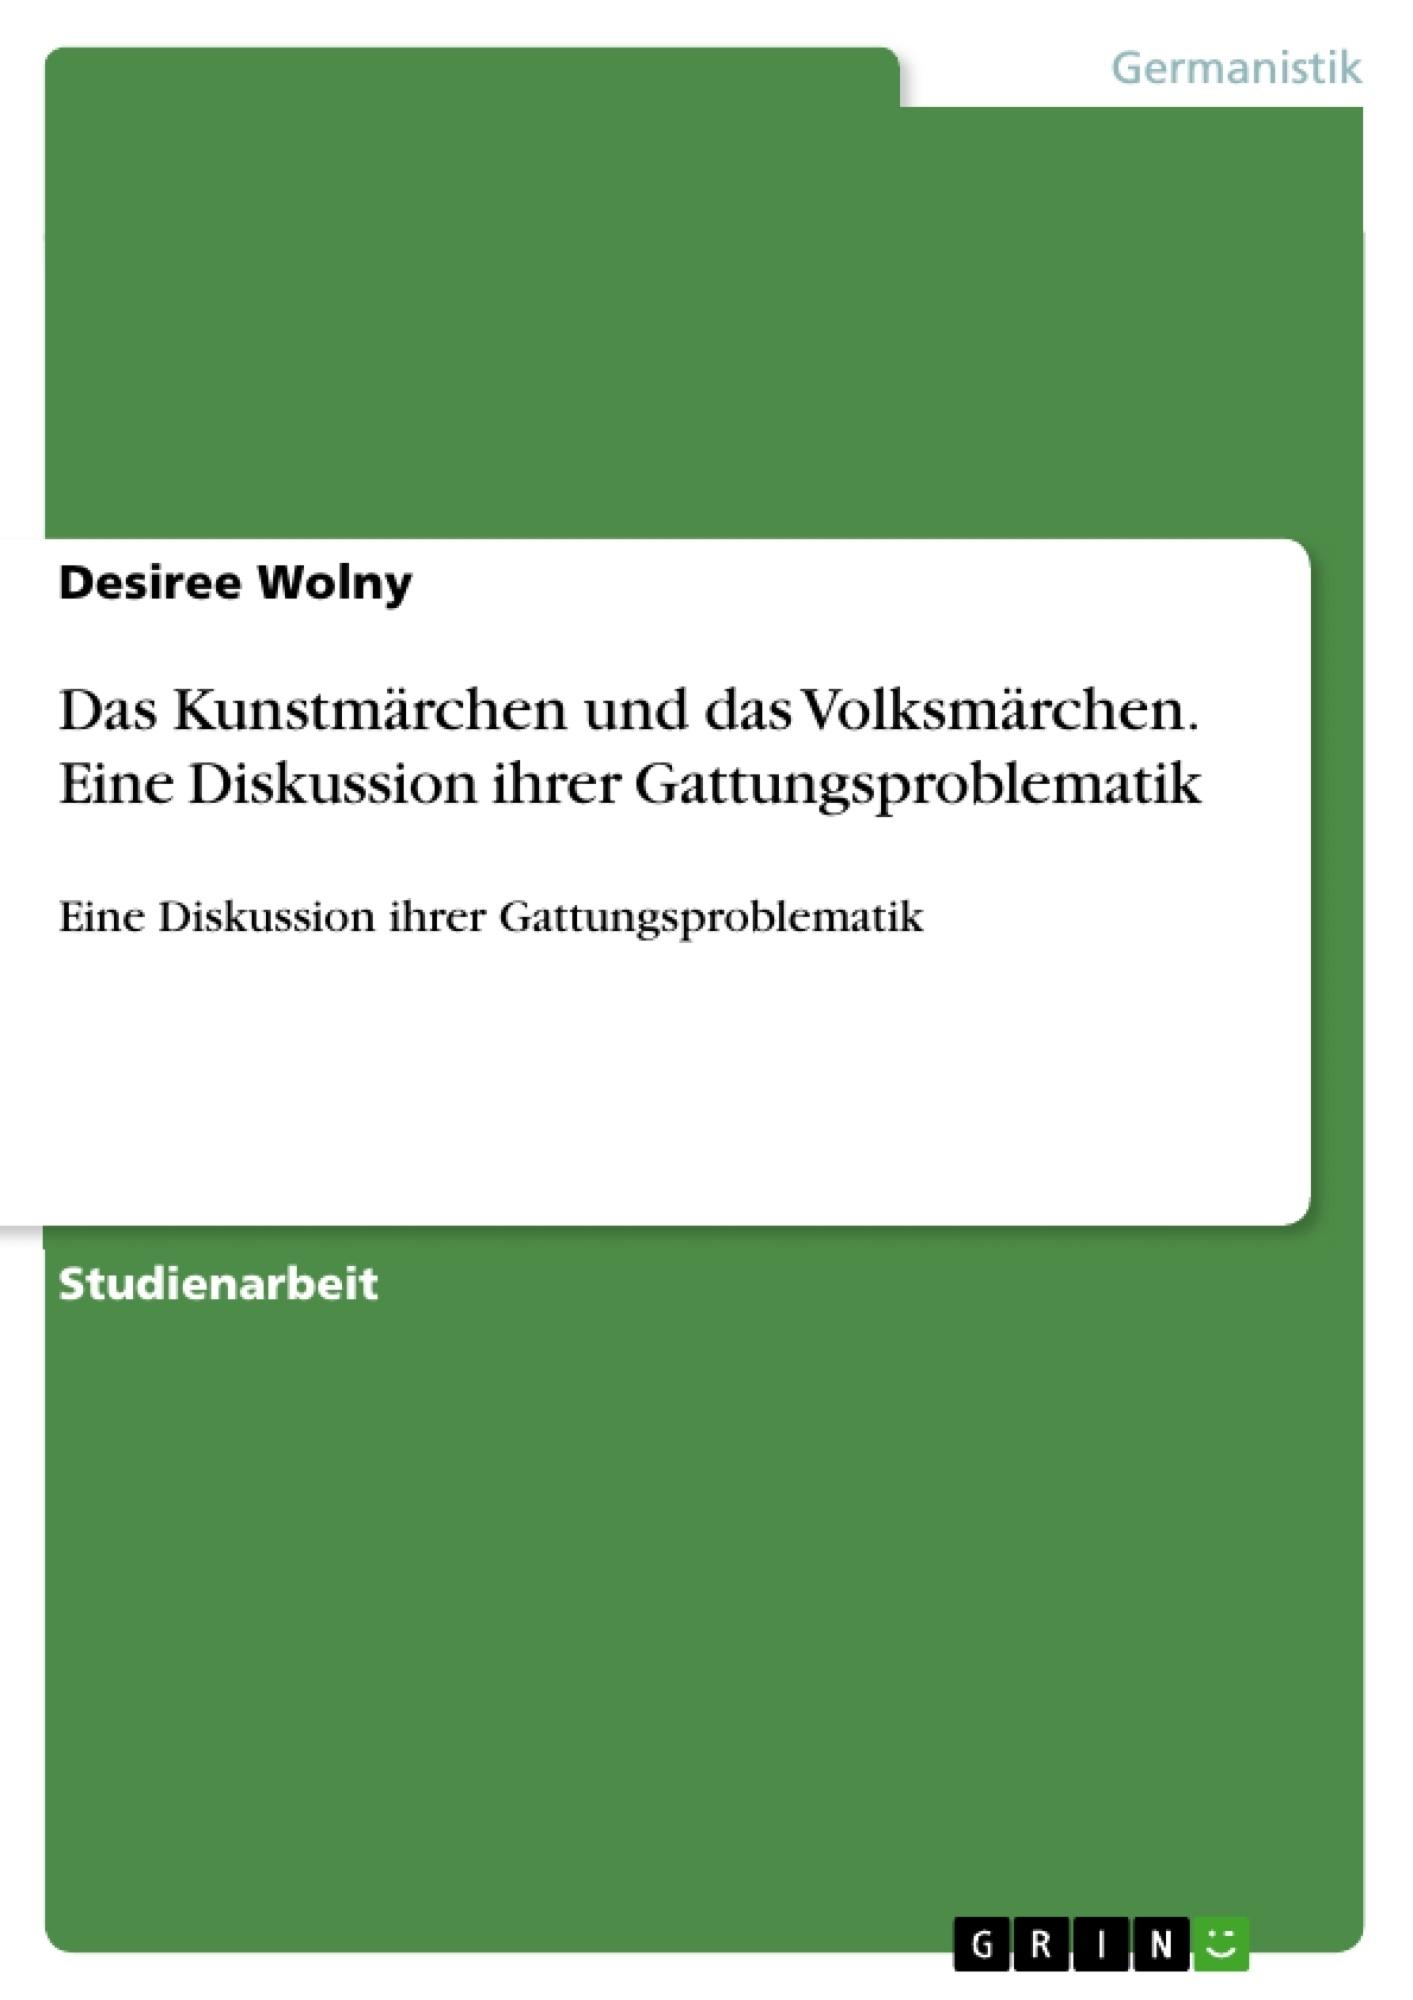 Titel: Das Kunstmärchen und das Volksmärchen. Eine Diskussion ihrer Gattungsproblematik